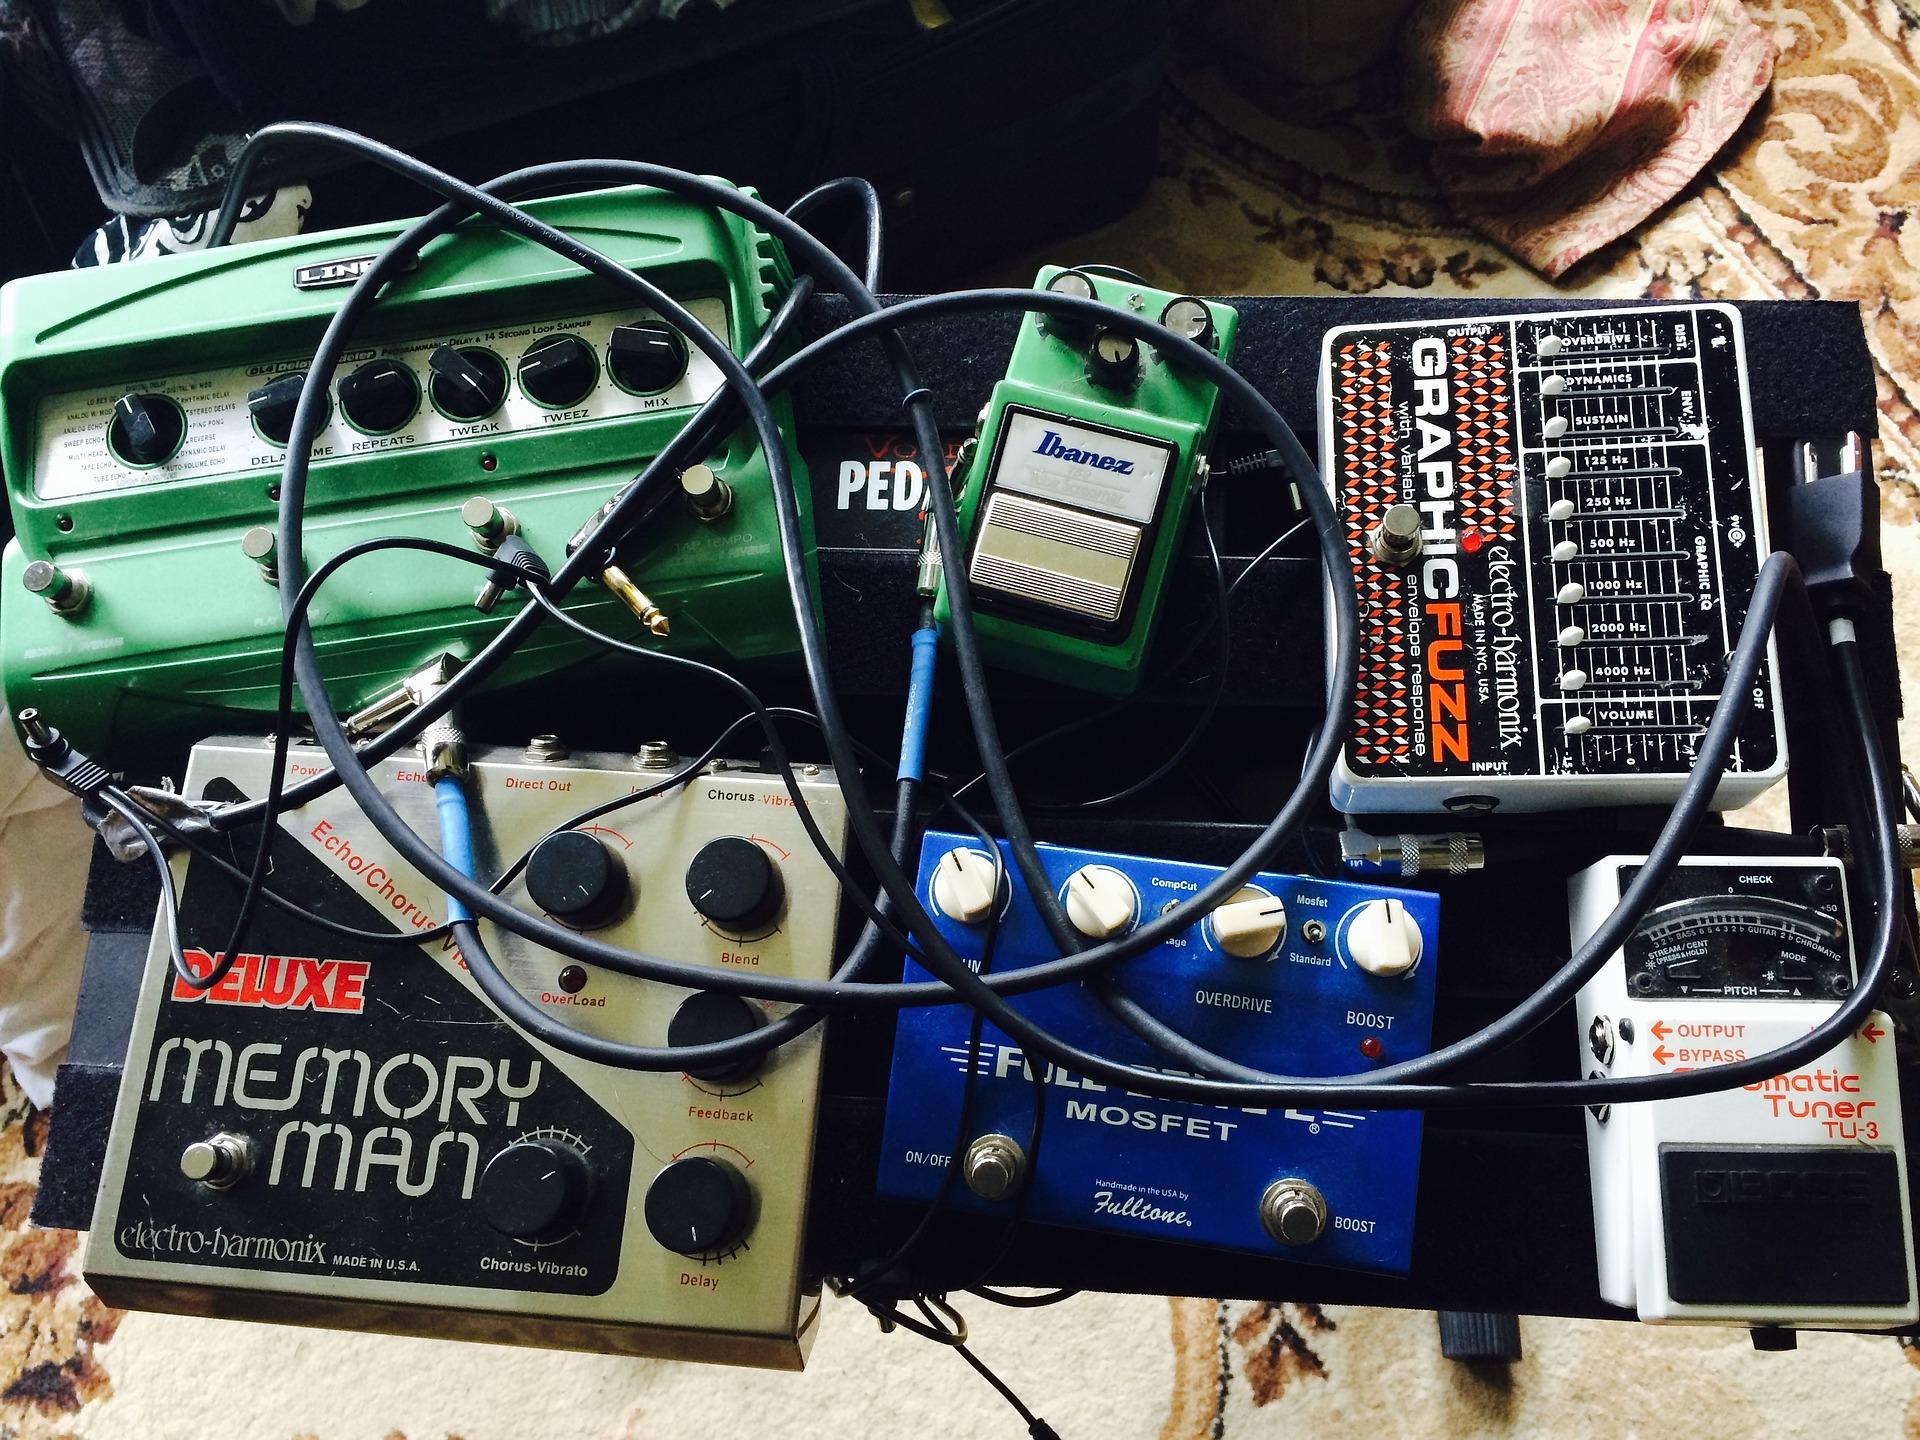 Attrezzatura per musicisti